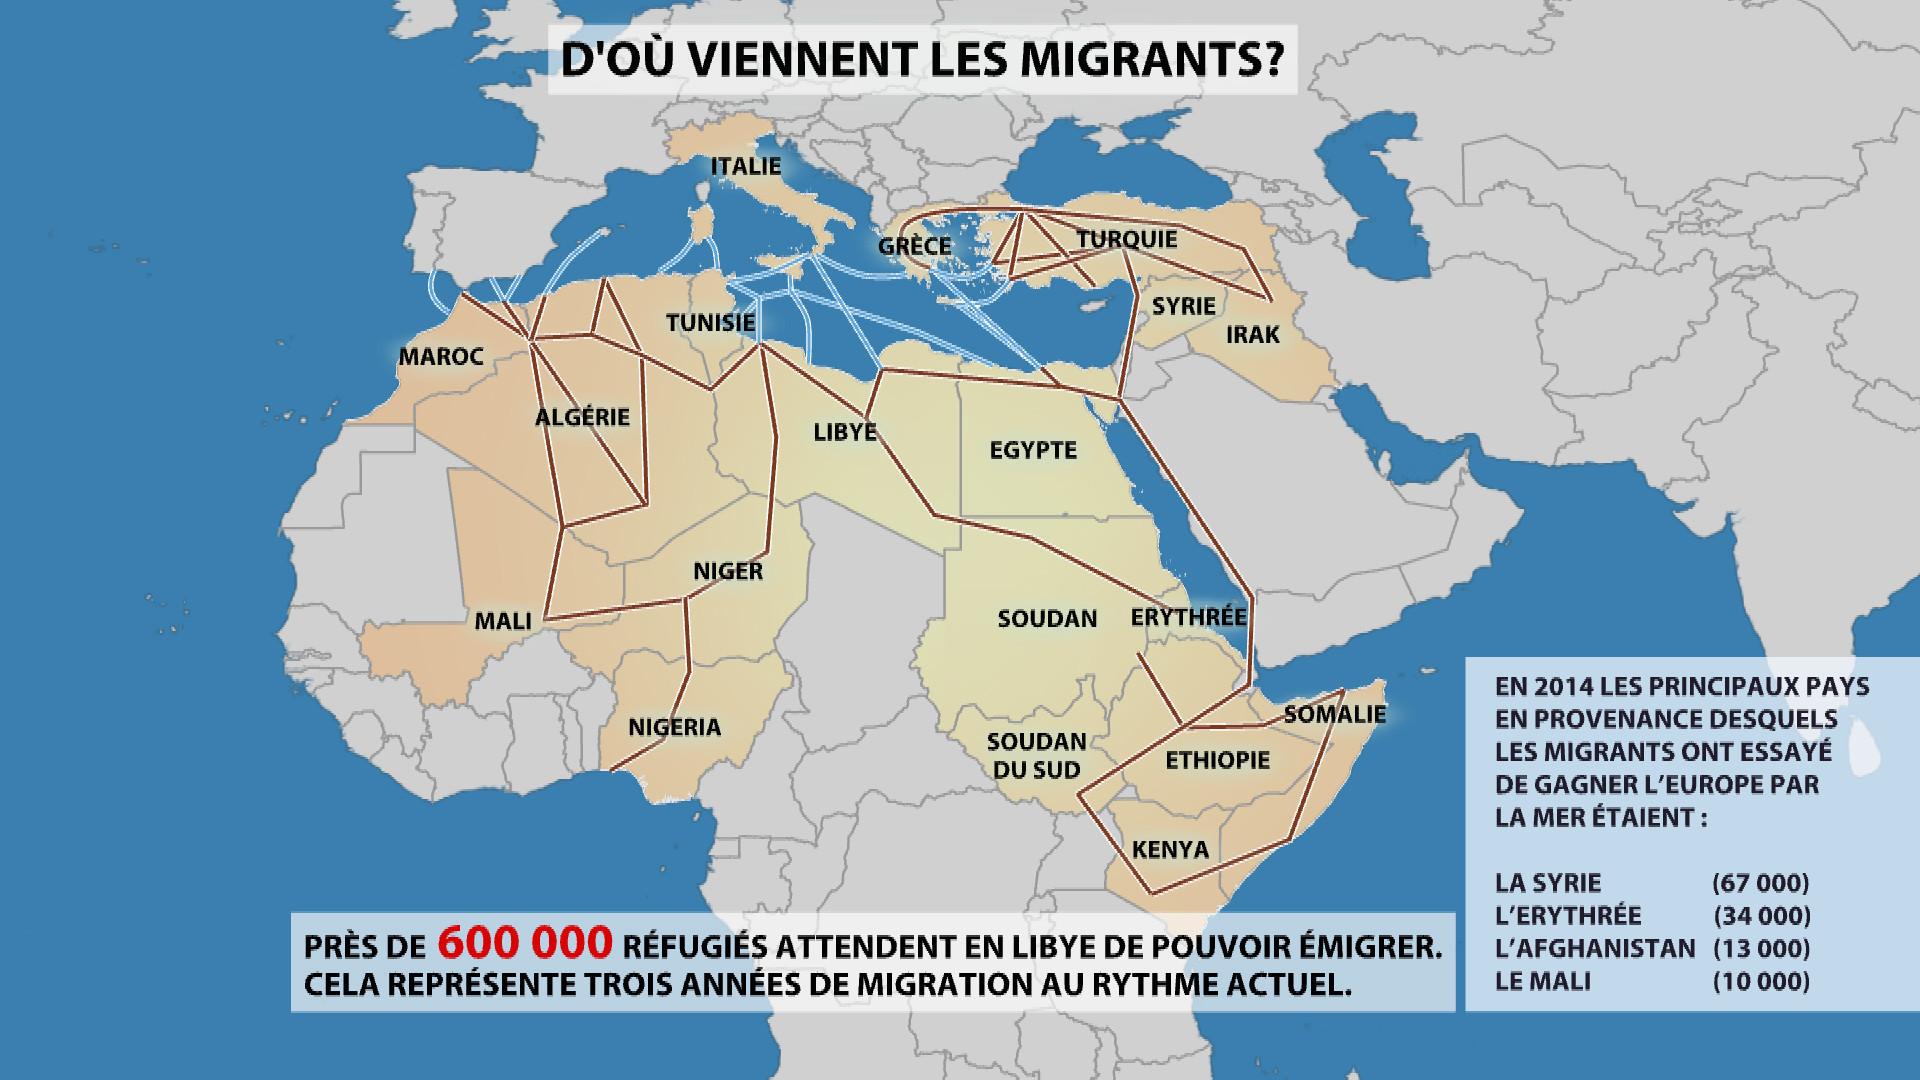 Le porte-parole de l'ONU : les flux de migrants doivent être maîtrisés en respectant leur dignité